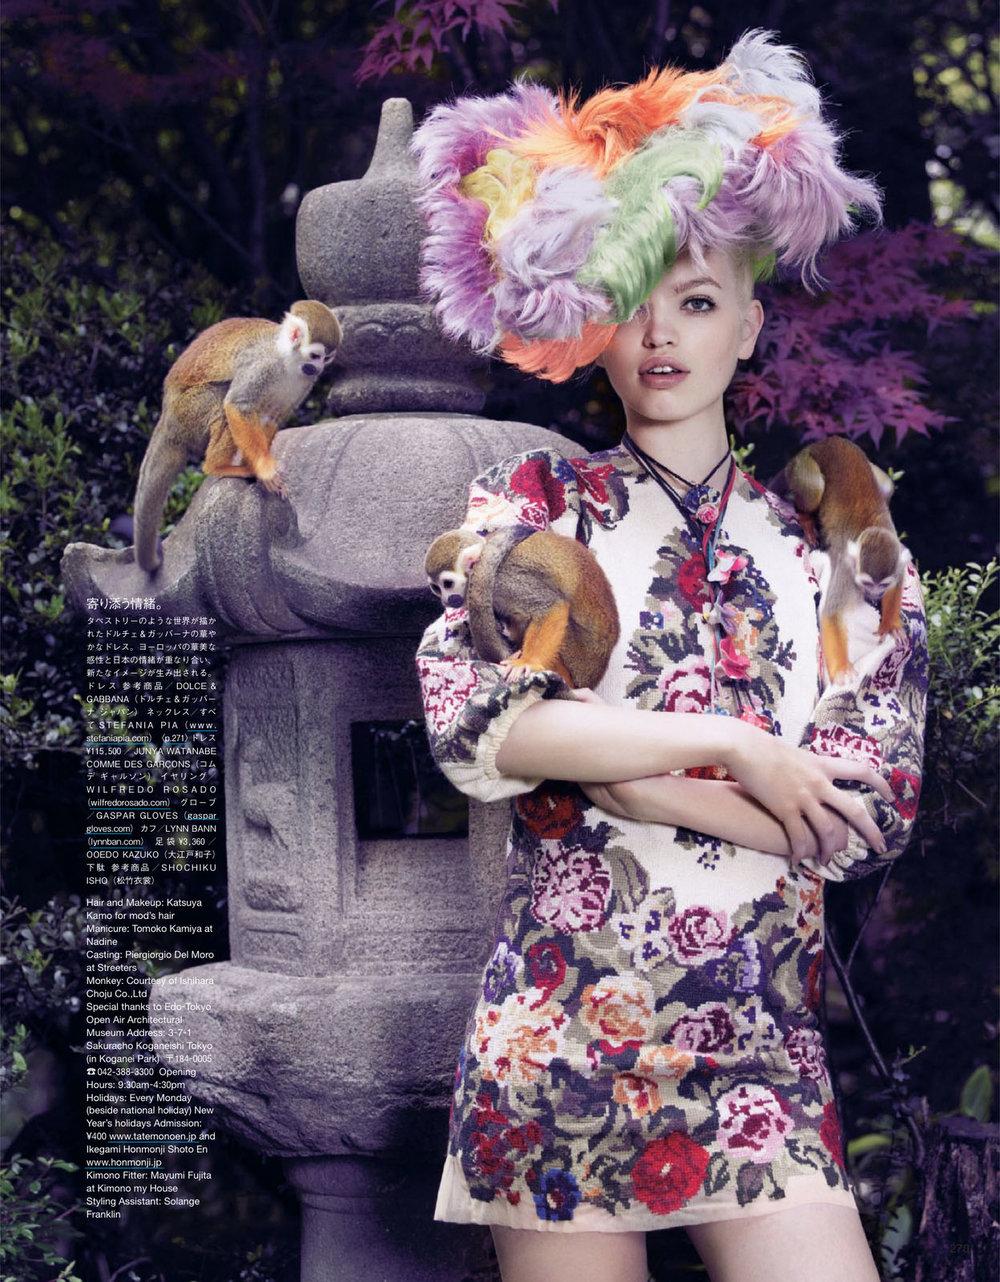 Giovanna-Battaglia-8-The-Secret-Chatter-of-Golden-Monkeys-Vogue-Japan-Mark-Segal.jpg